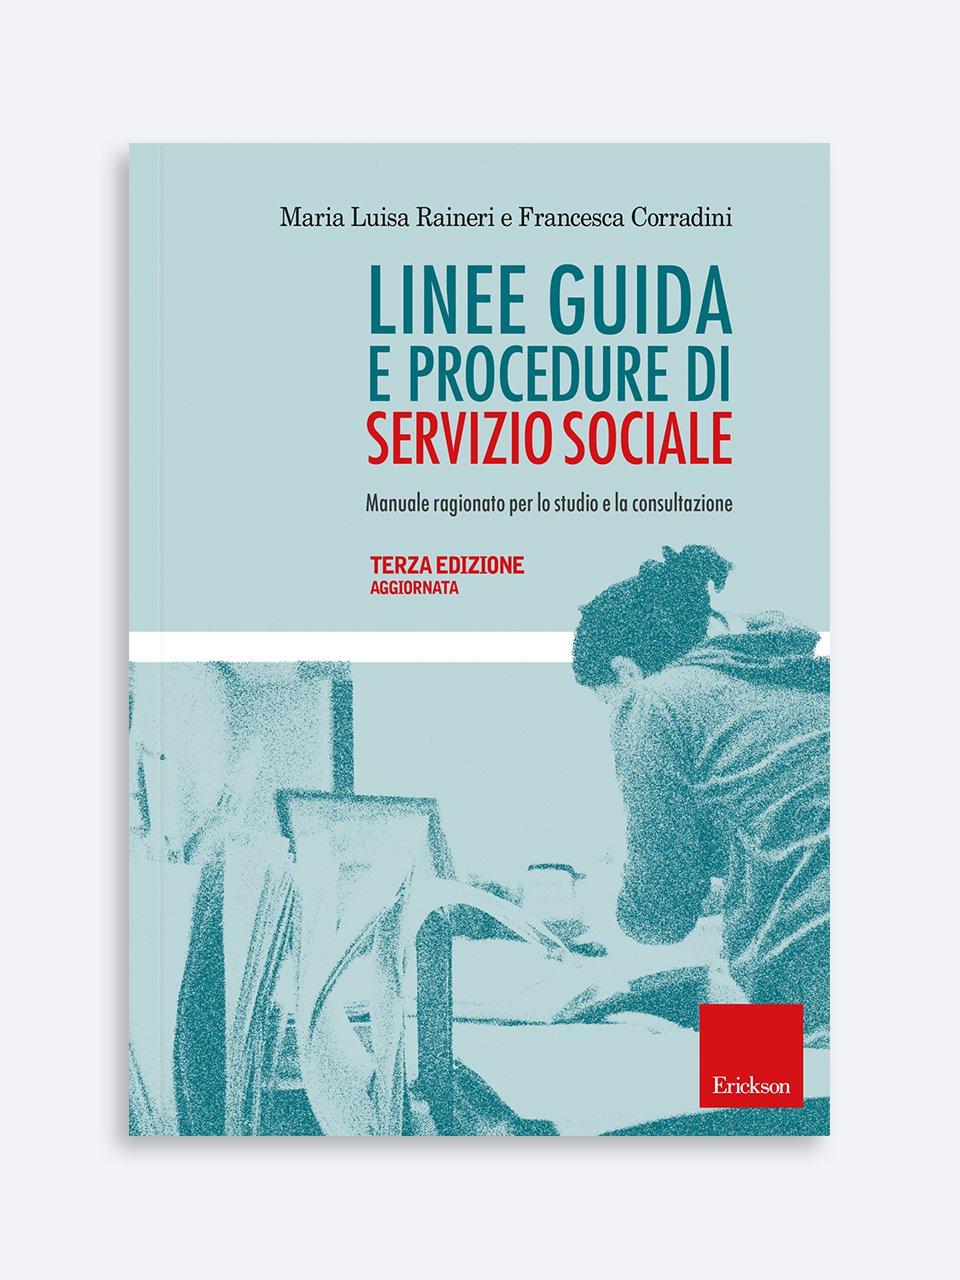 Linee guida e procedure di servizio sociale - Servizi sociali/educativi/sanitari - Erickson